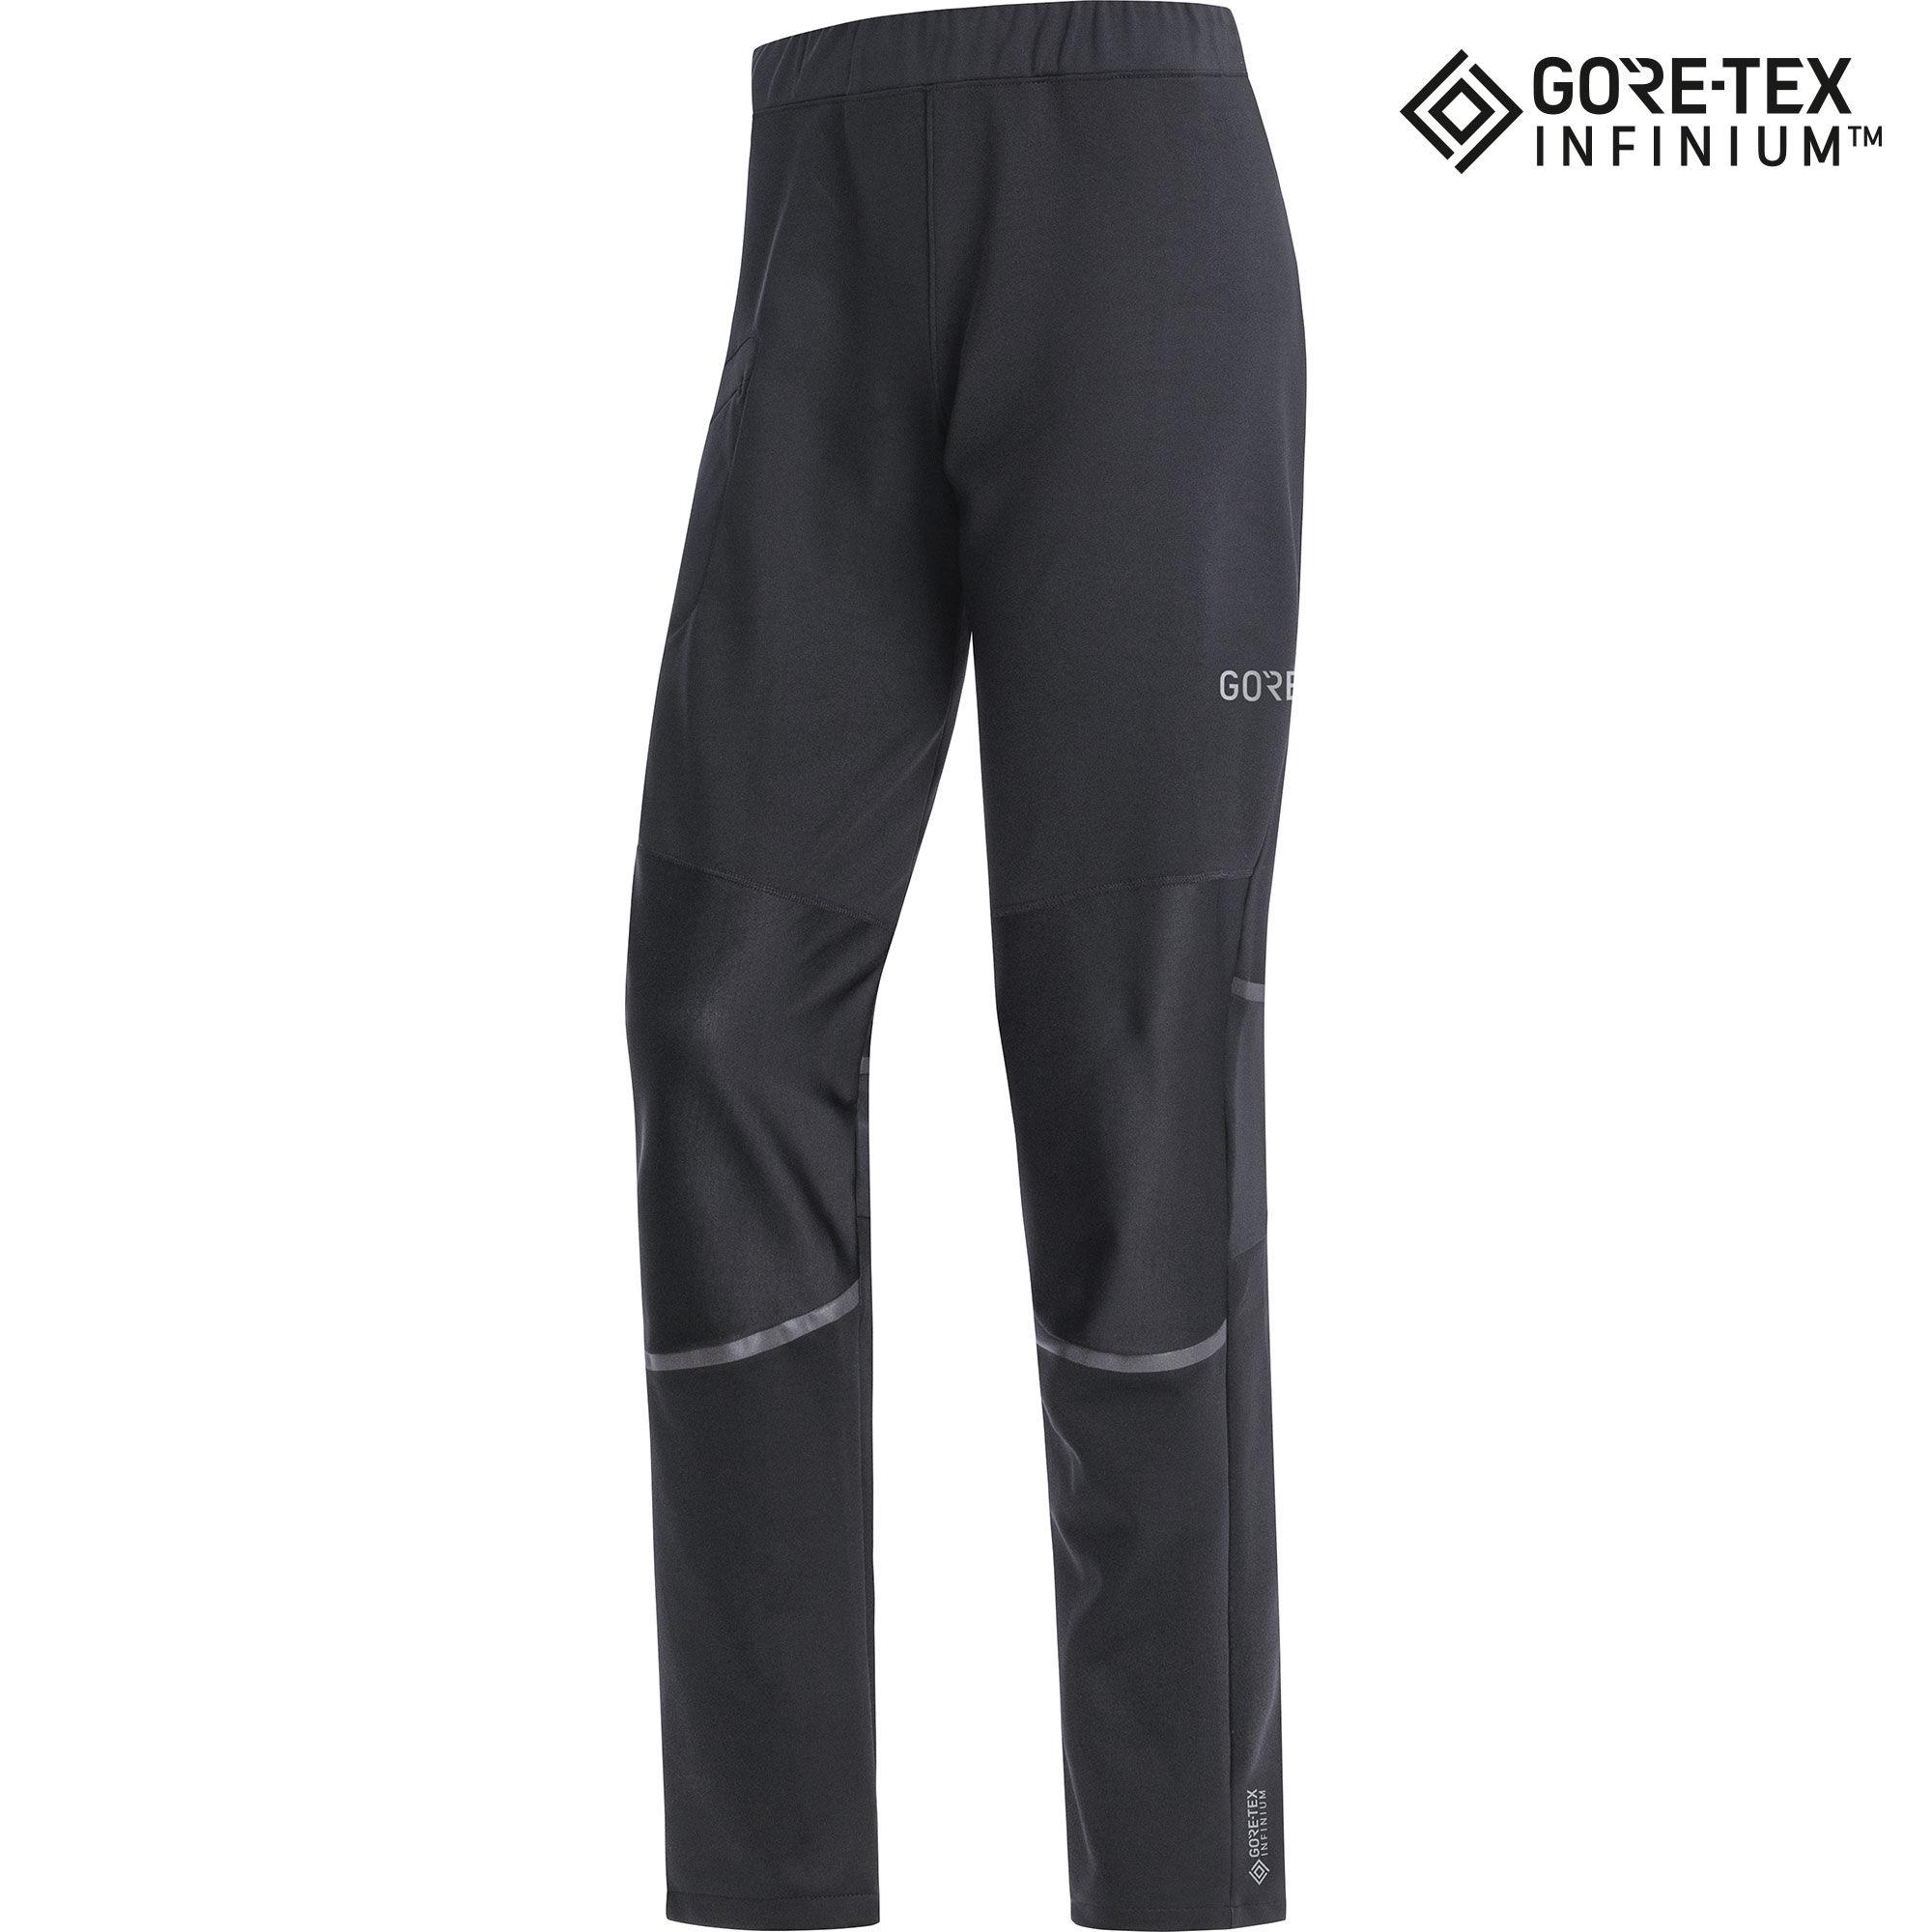 Gore R5 Gore-Tex Infinium Pants (Black)